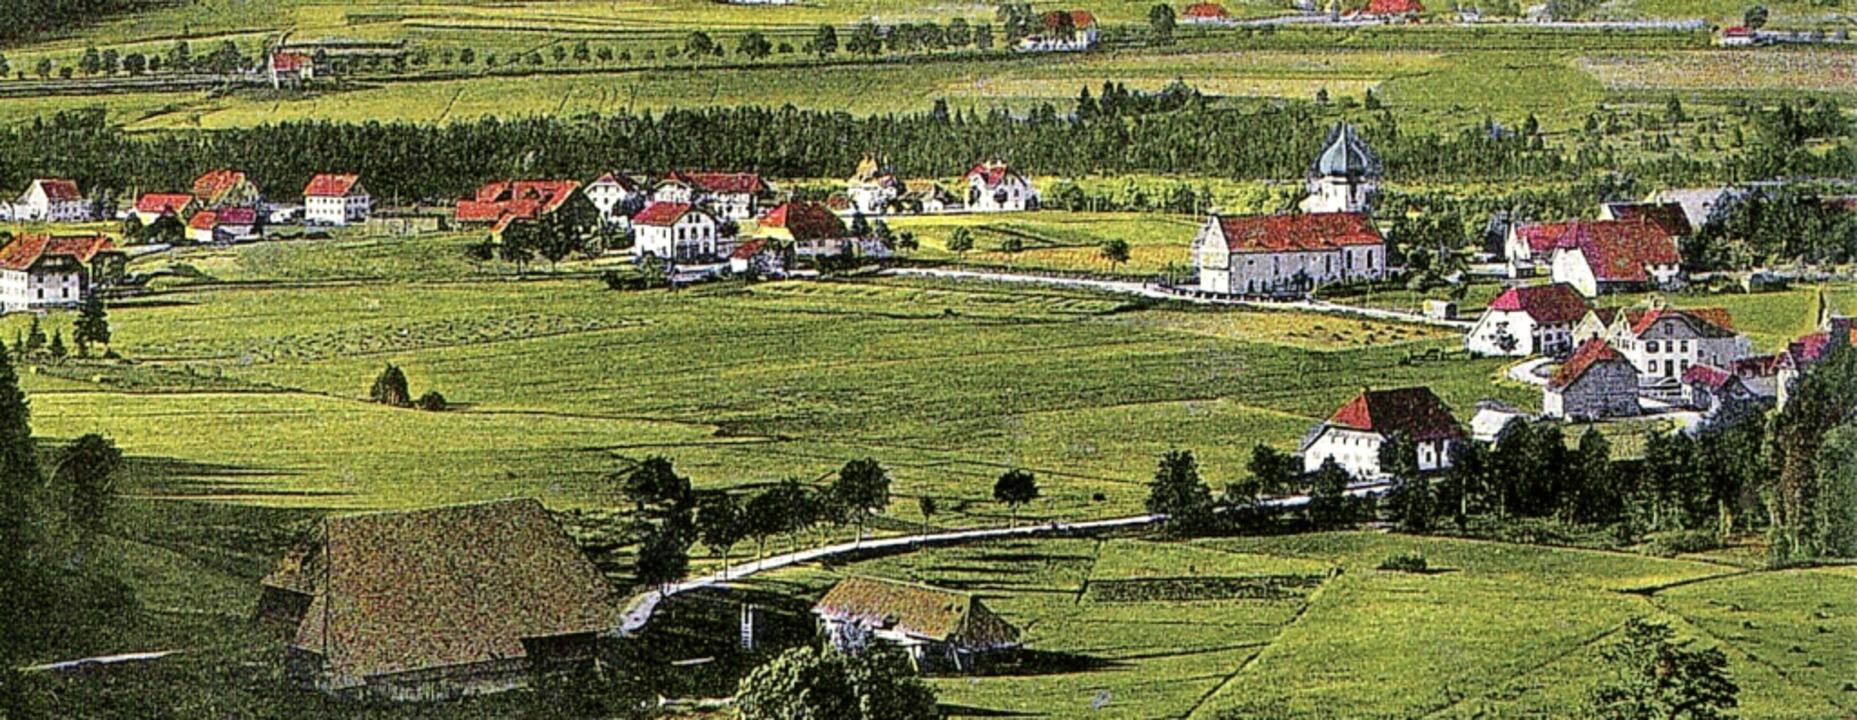 Auf dieser historischen Postkartenansi...rische Schwefelquelle befunden haben.     Foto: Archiv Roland Weis